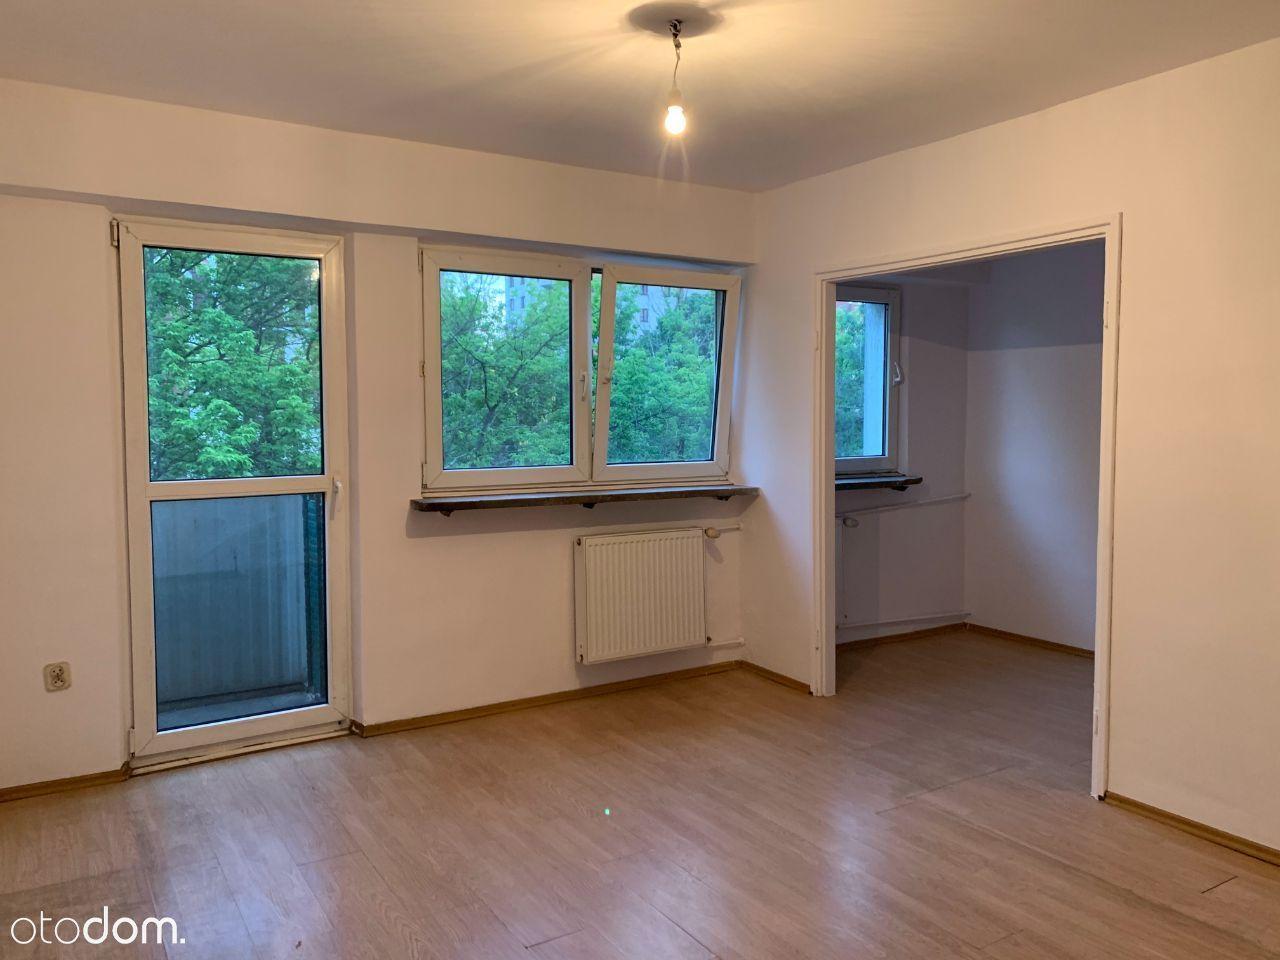 Bezpośrednio 3 pokoje I NISKI budynek| Duży balkon